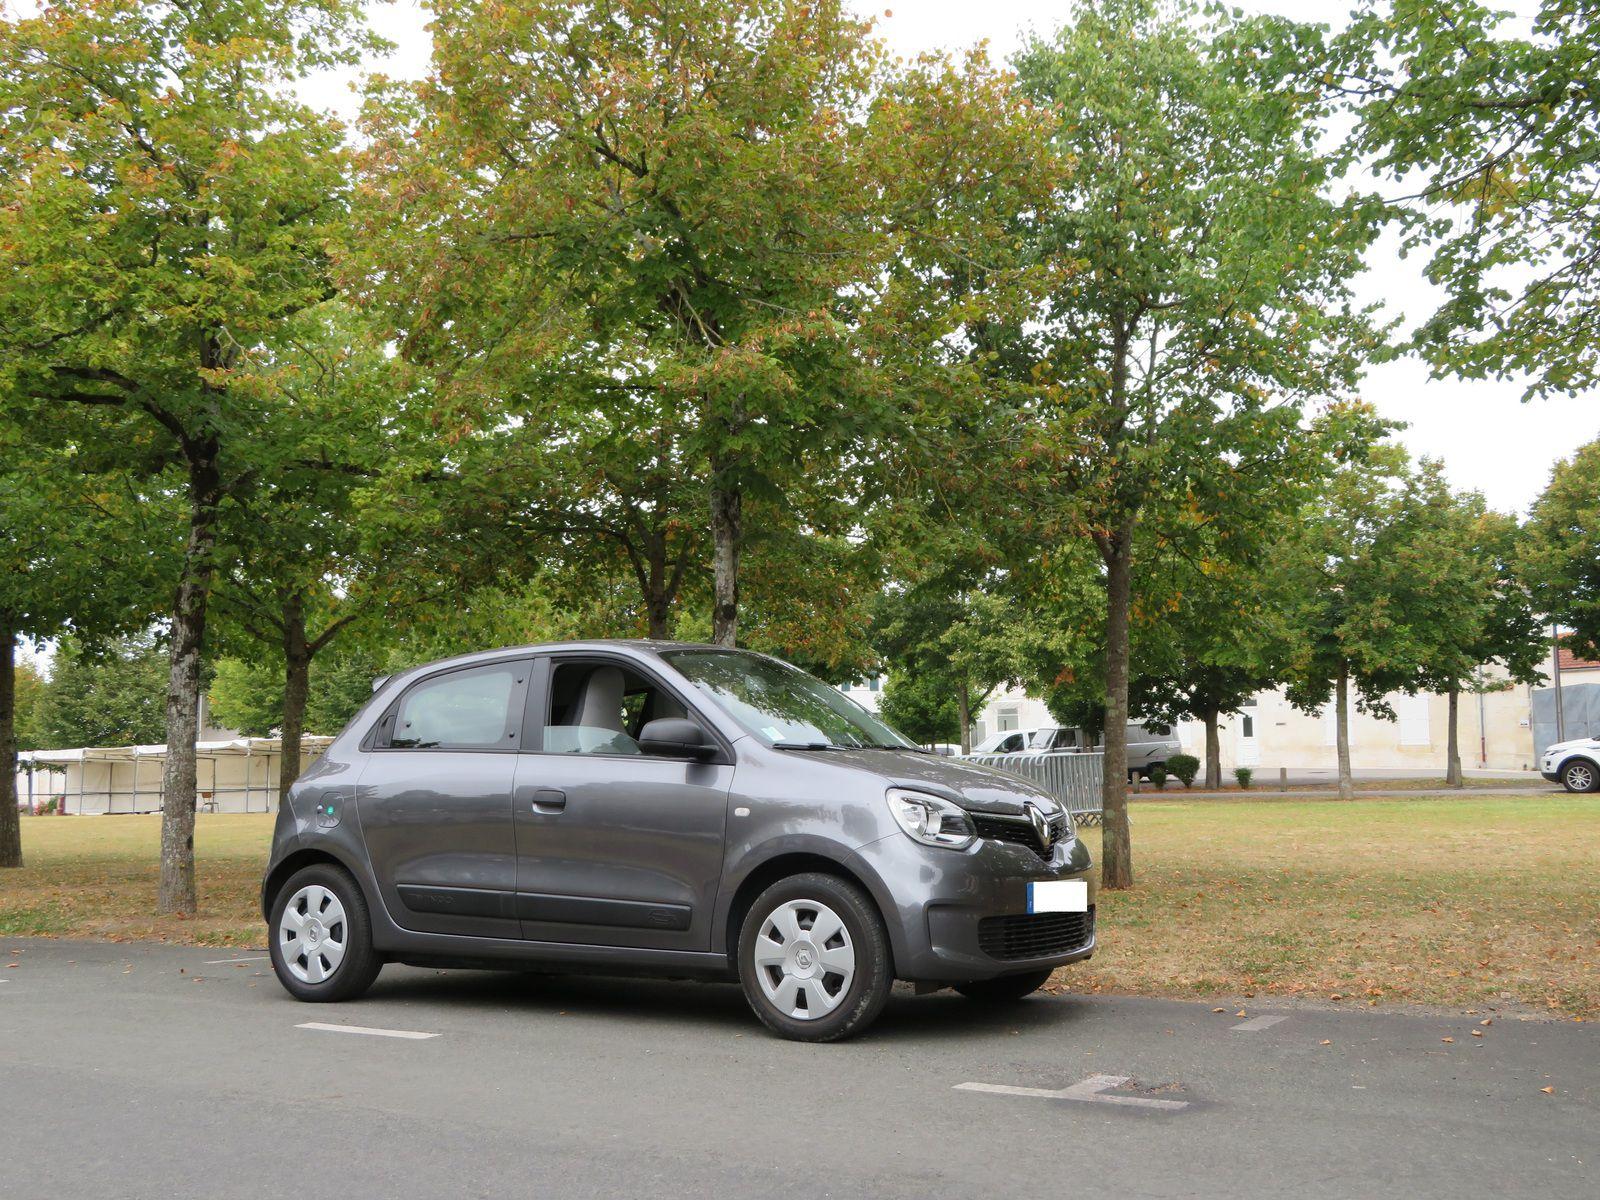 Essai Renault Twingo Sce 65 ch